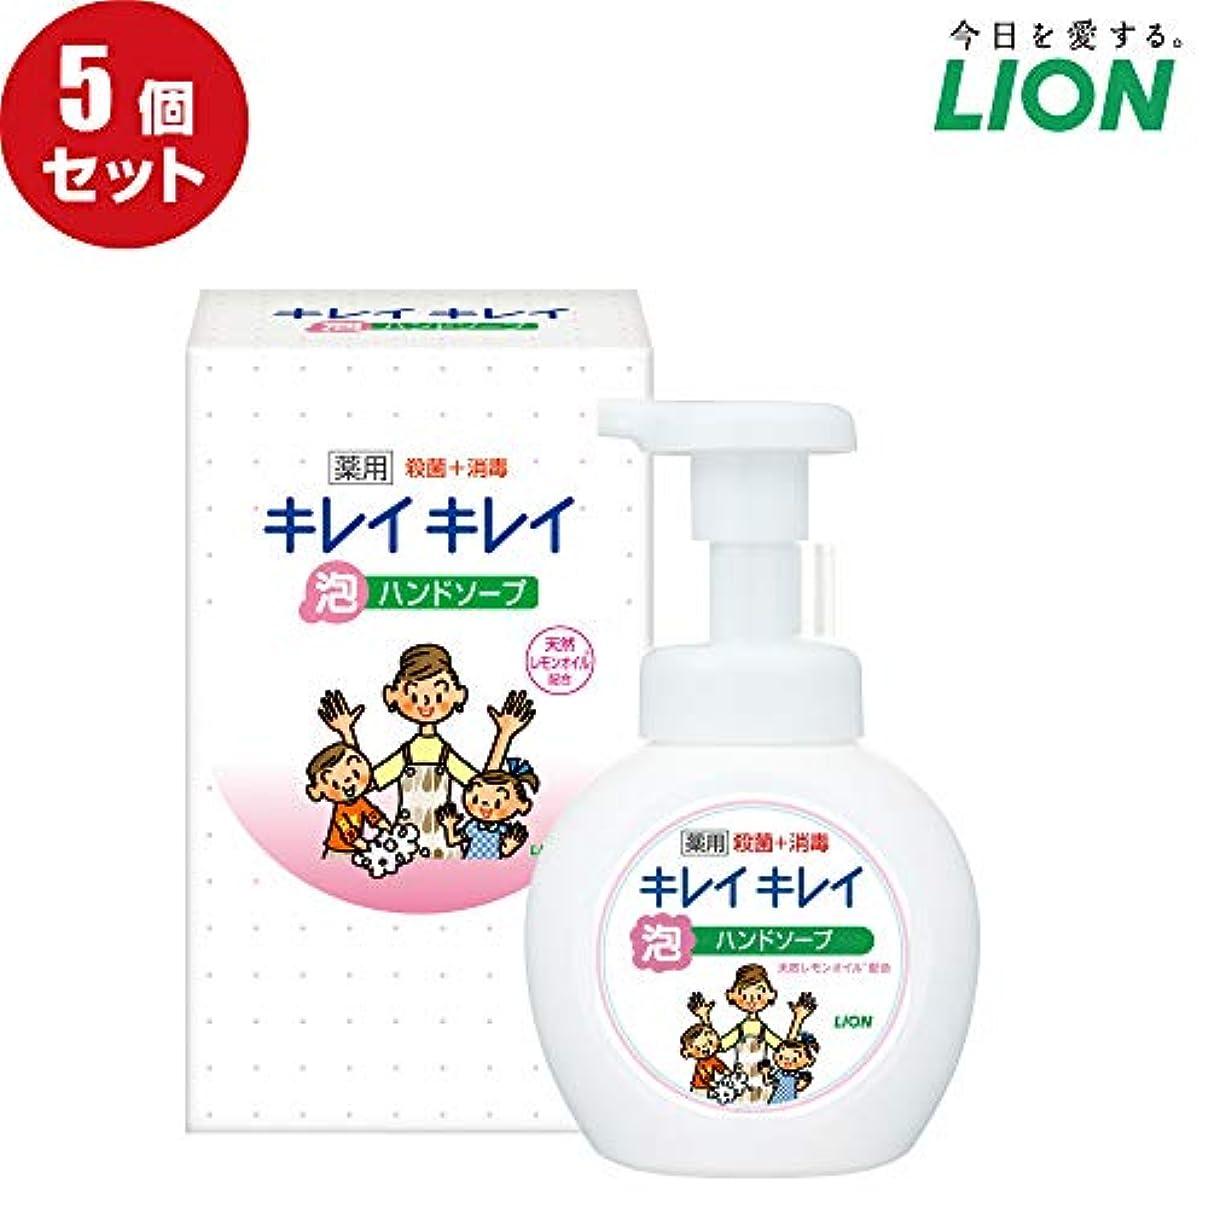 真似るバーストピック【5個セット】LION キレイキレイ薬用泡ハンドソープ250ml ノベルティギフト用化粧箱入